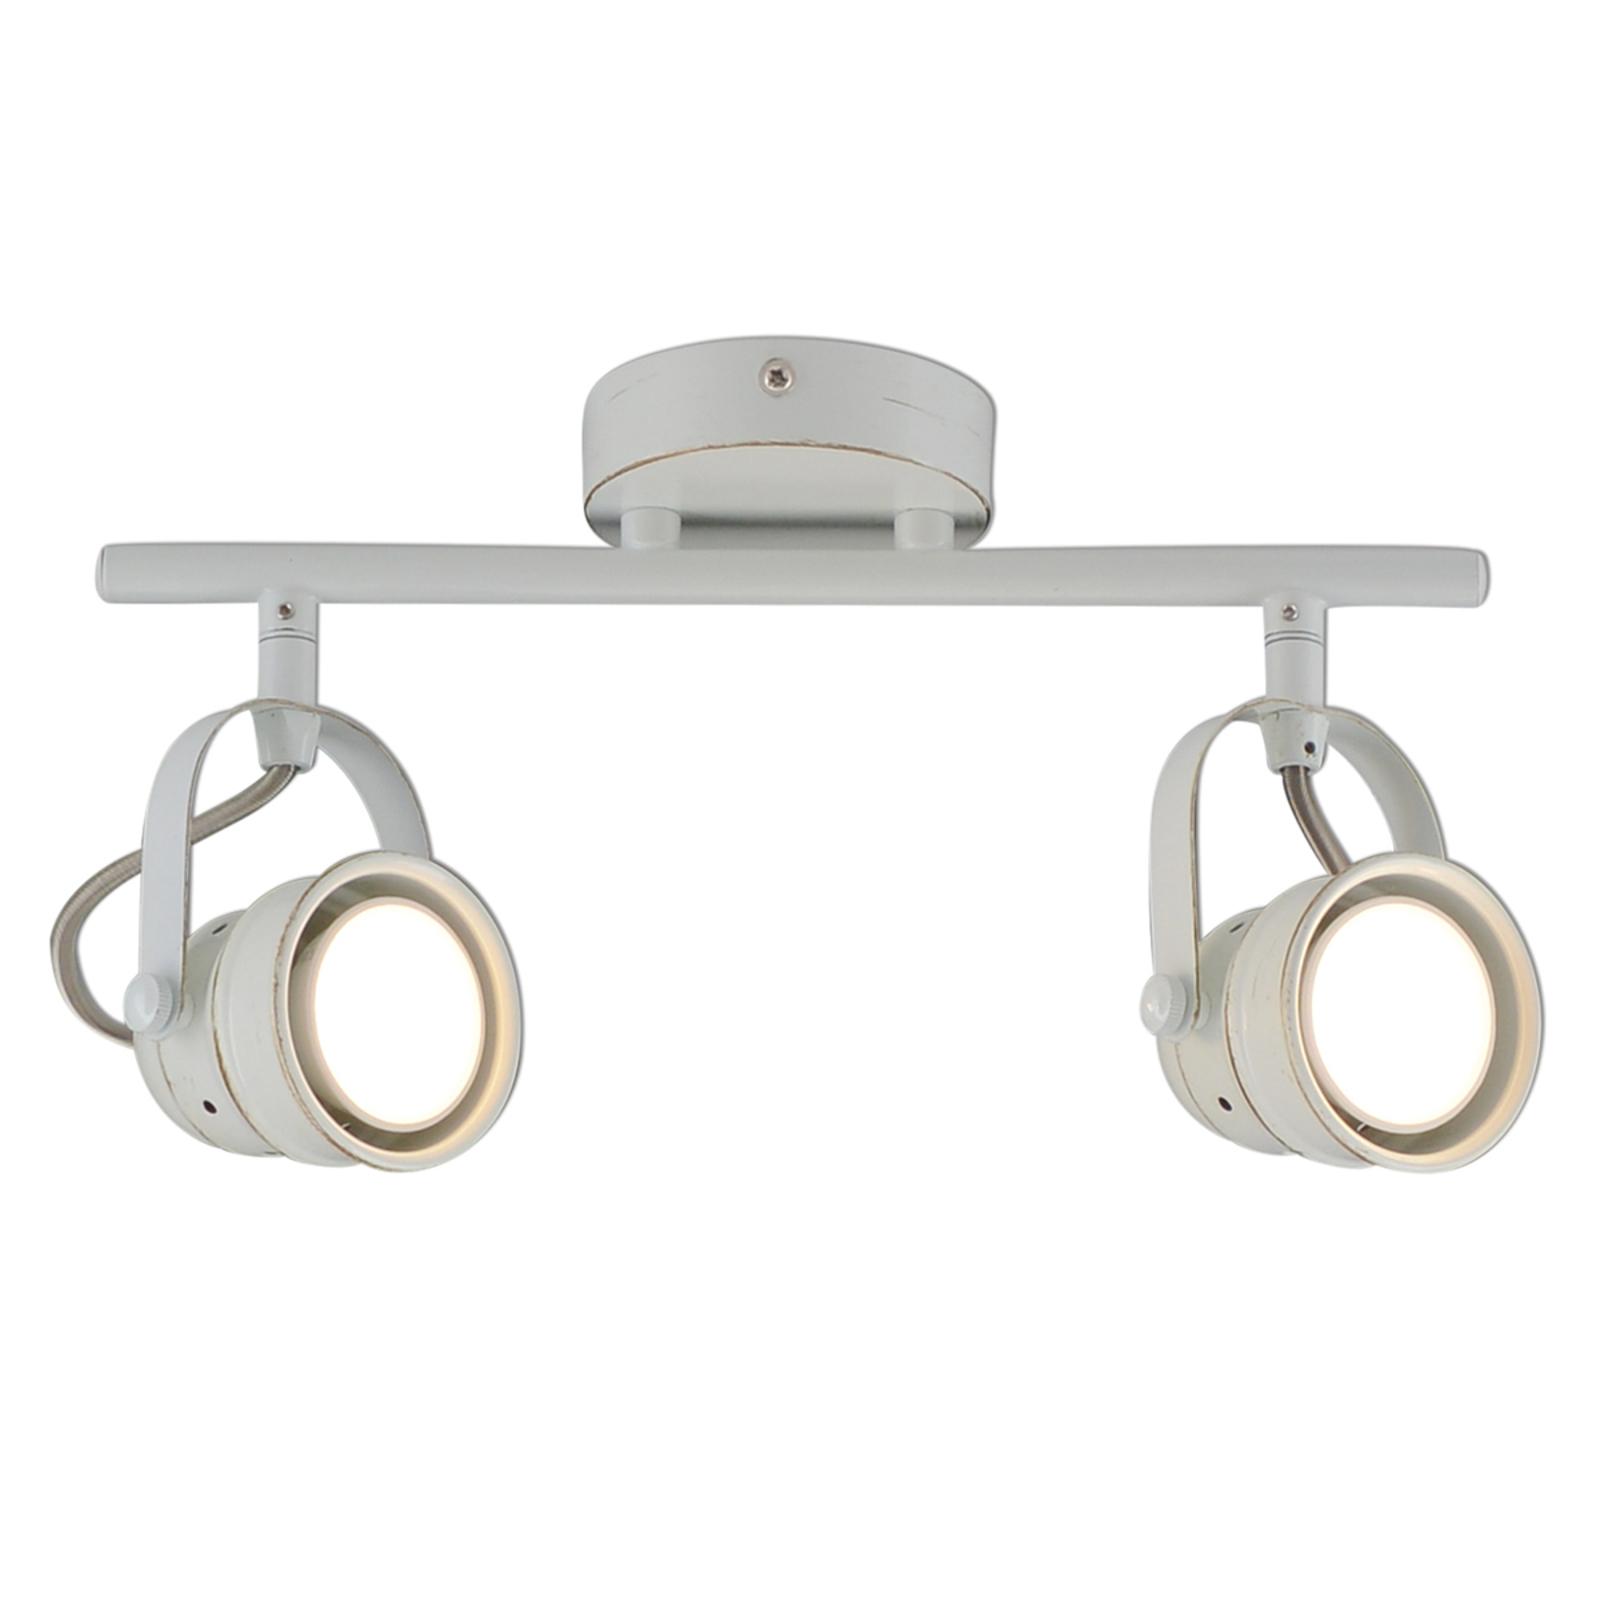 Näve LED stropní bodové osvětlení Tessa, 2zdrojové bílé